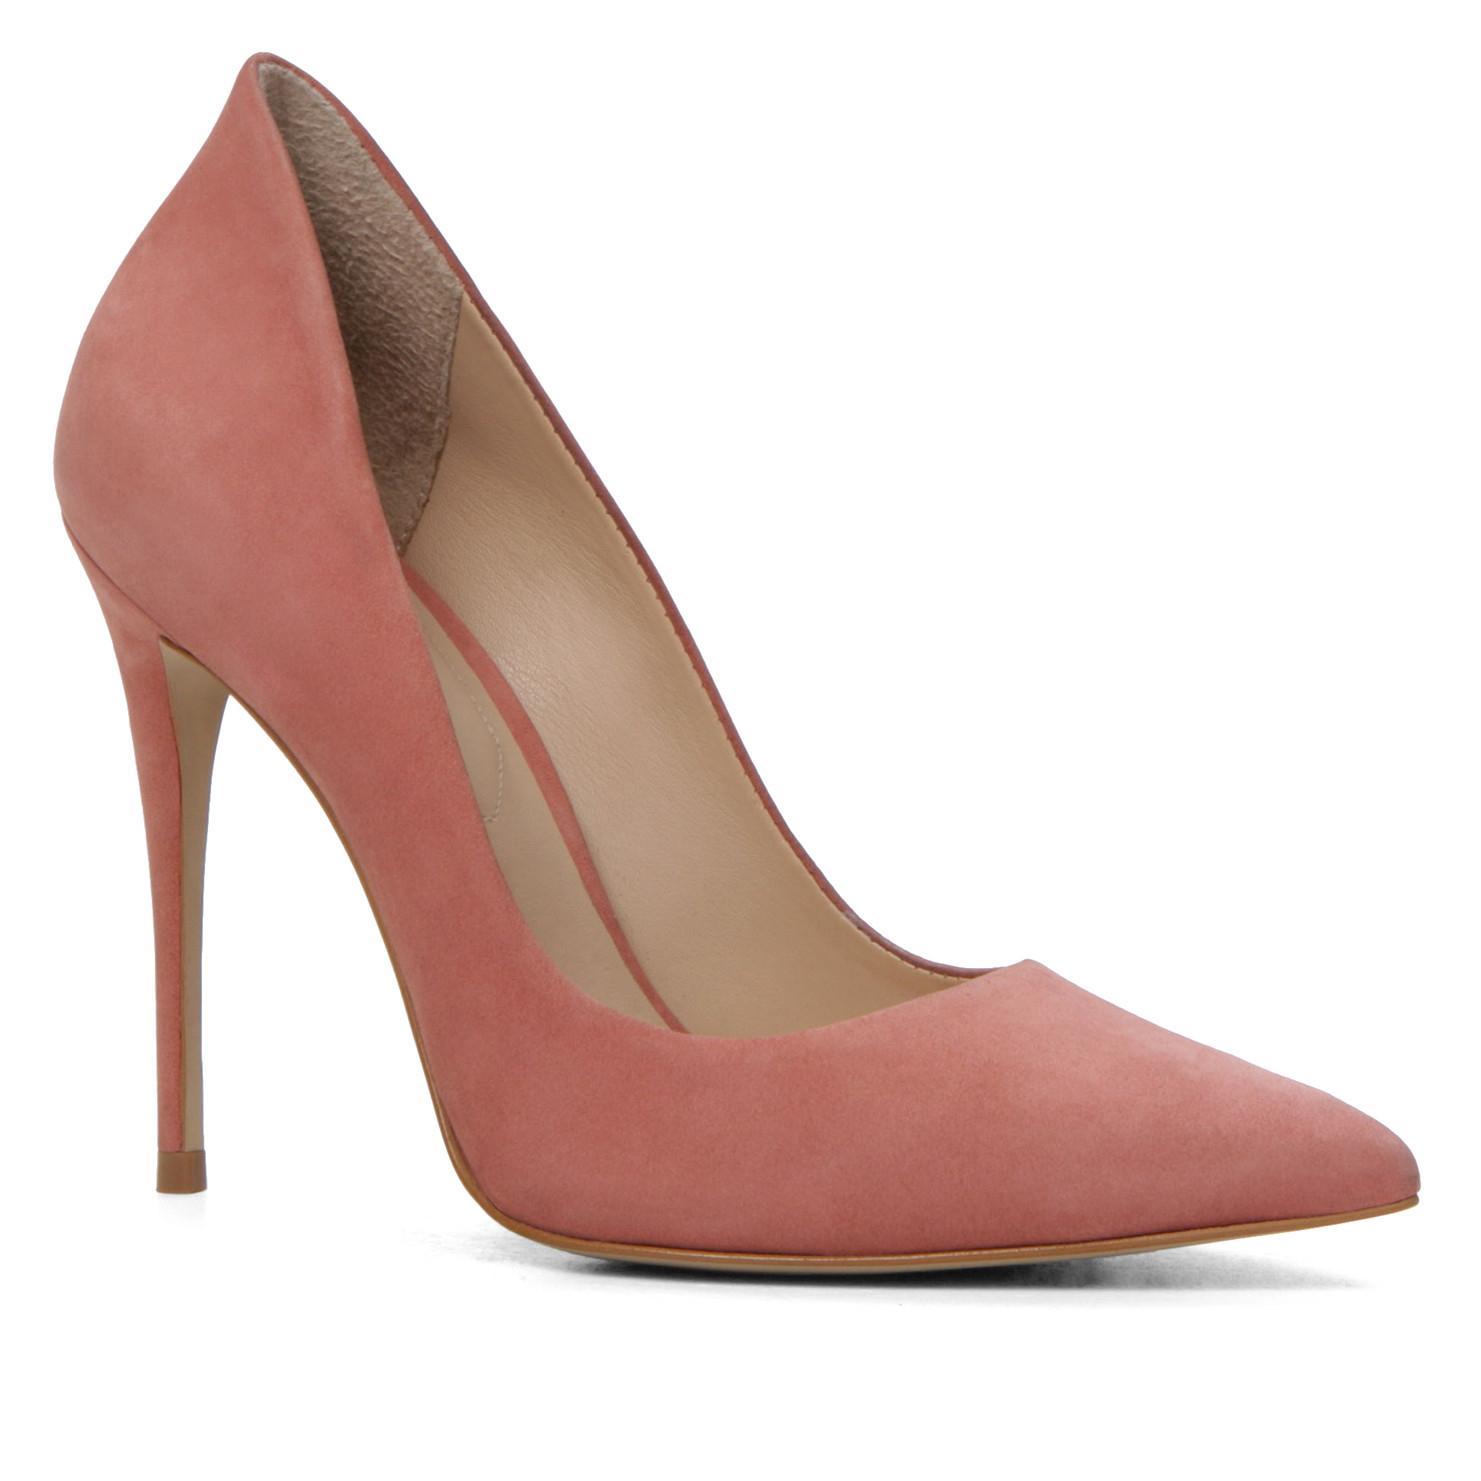 Aldo Shoes Shop Online